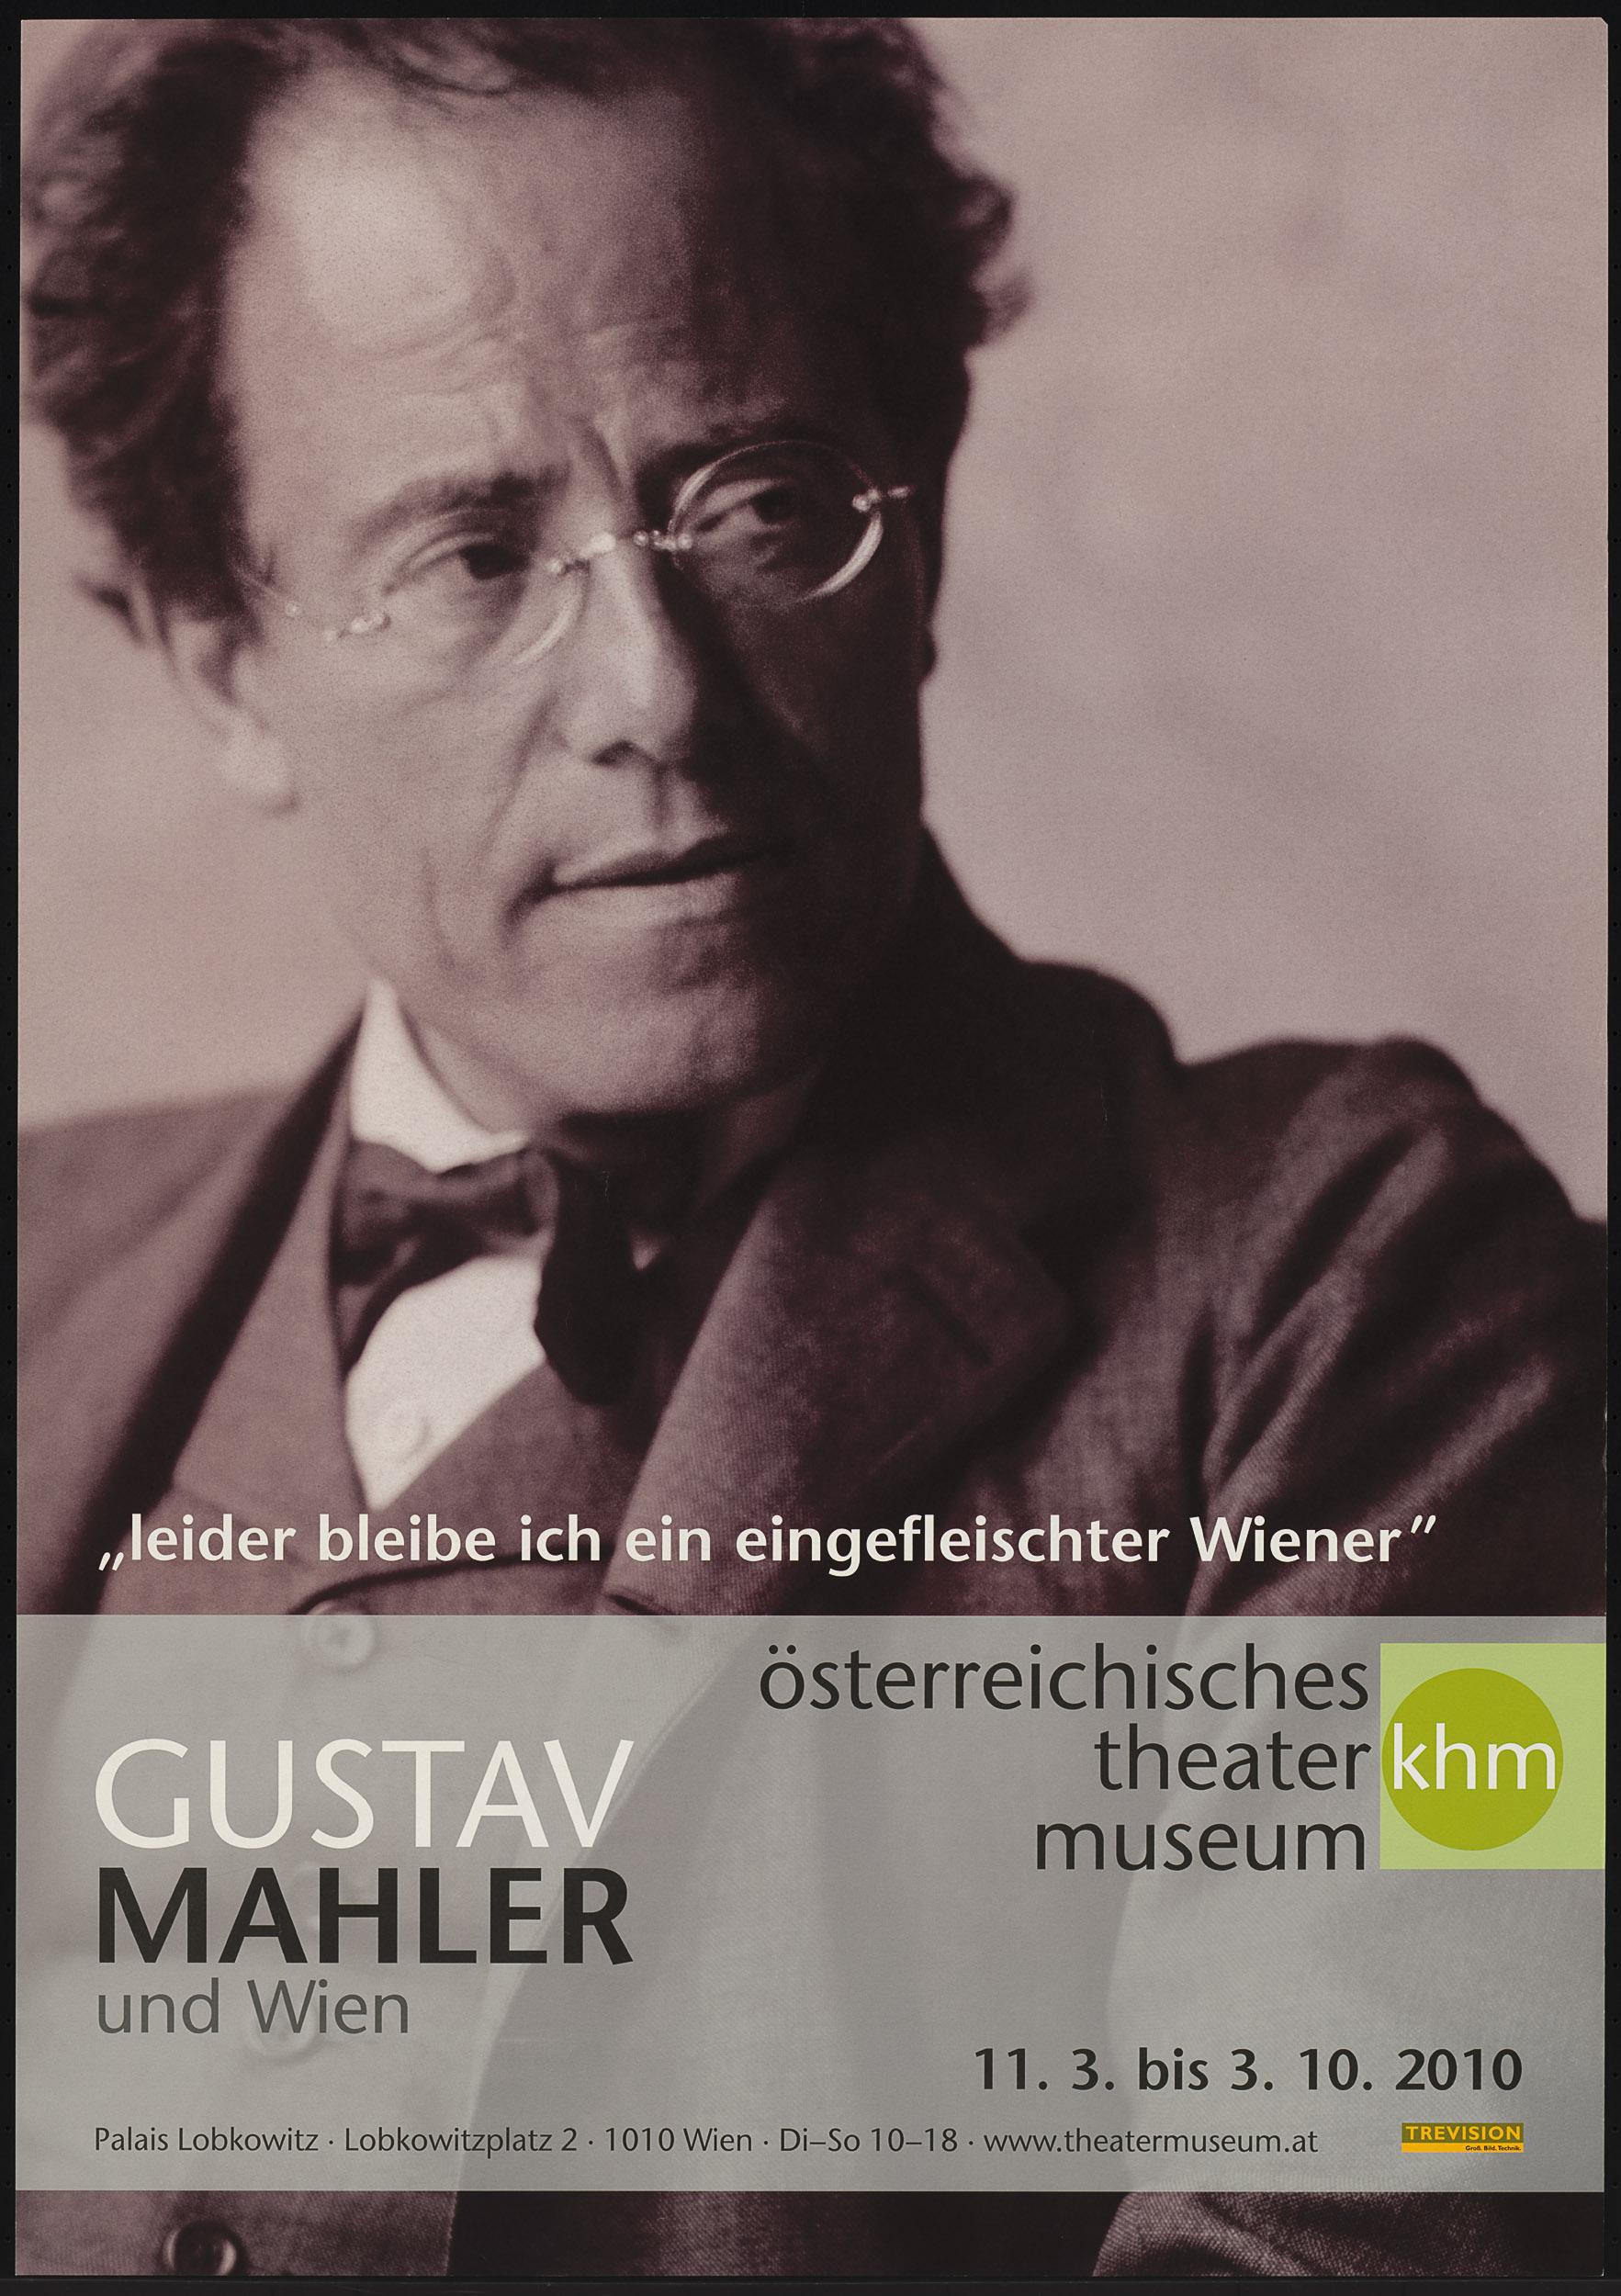 """""""leider bleibe ich eingefleischter Wiener"""". Gustav Mahler und Wien von Theatermuseum, Wien"""